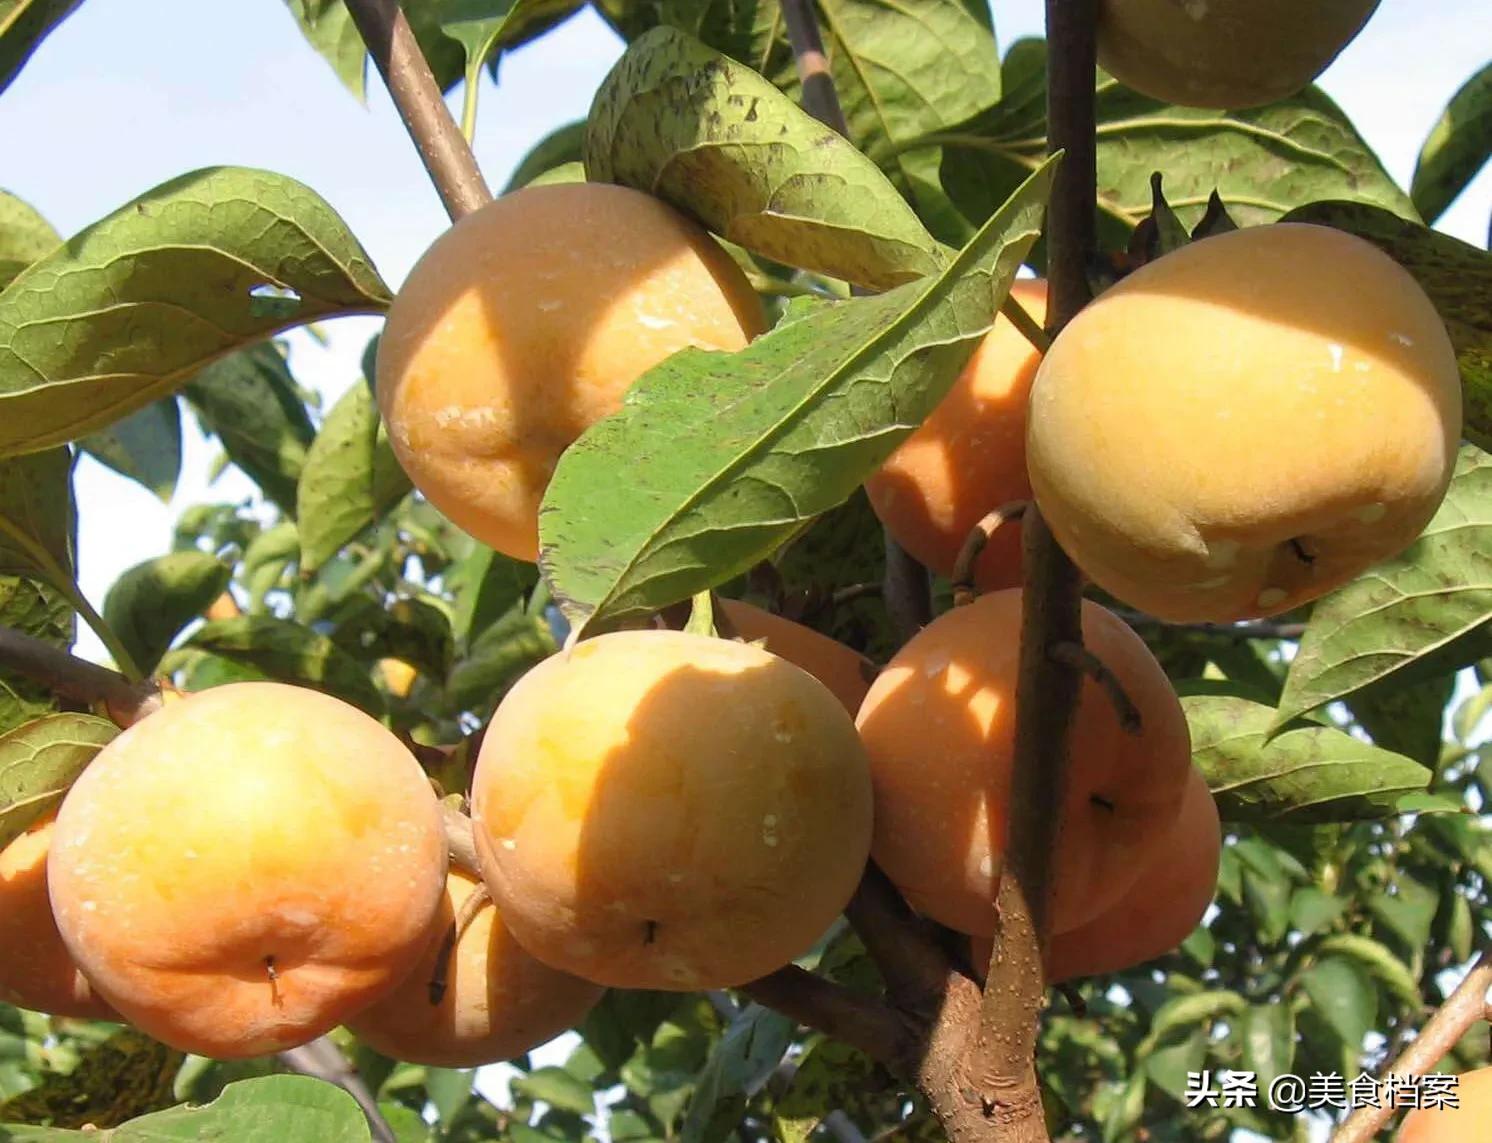 柿子发涩怎么办?老果农教你9种柿子脱涩的简单方法,你选哪种? 家务卫生 第2张